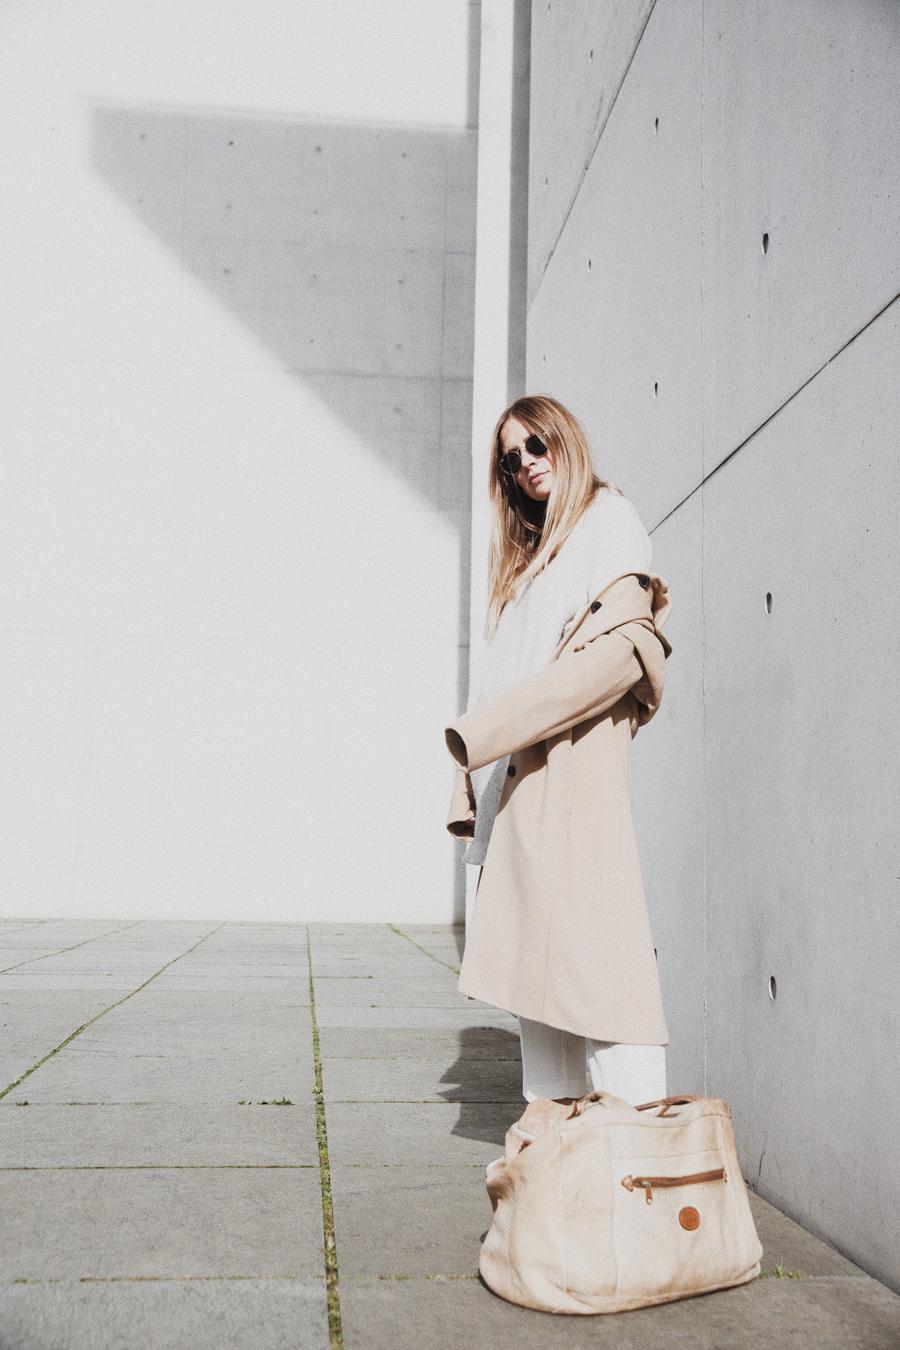 streetstyle-fashionblogger-camel-coat-romina-mey-pose